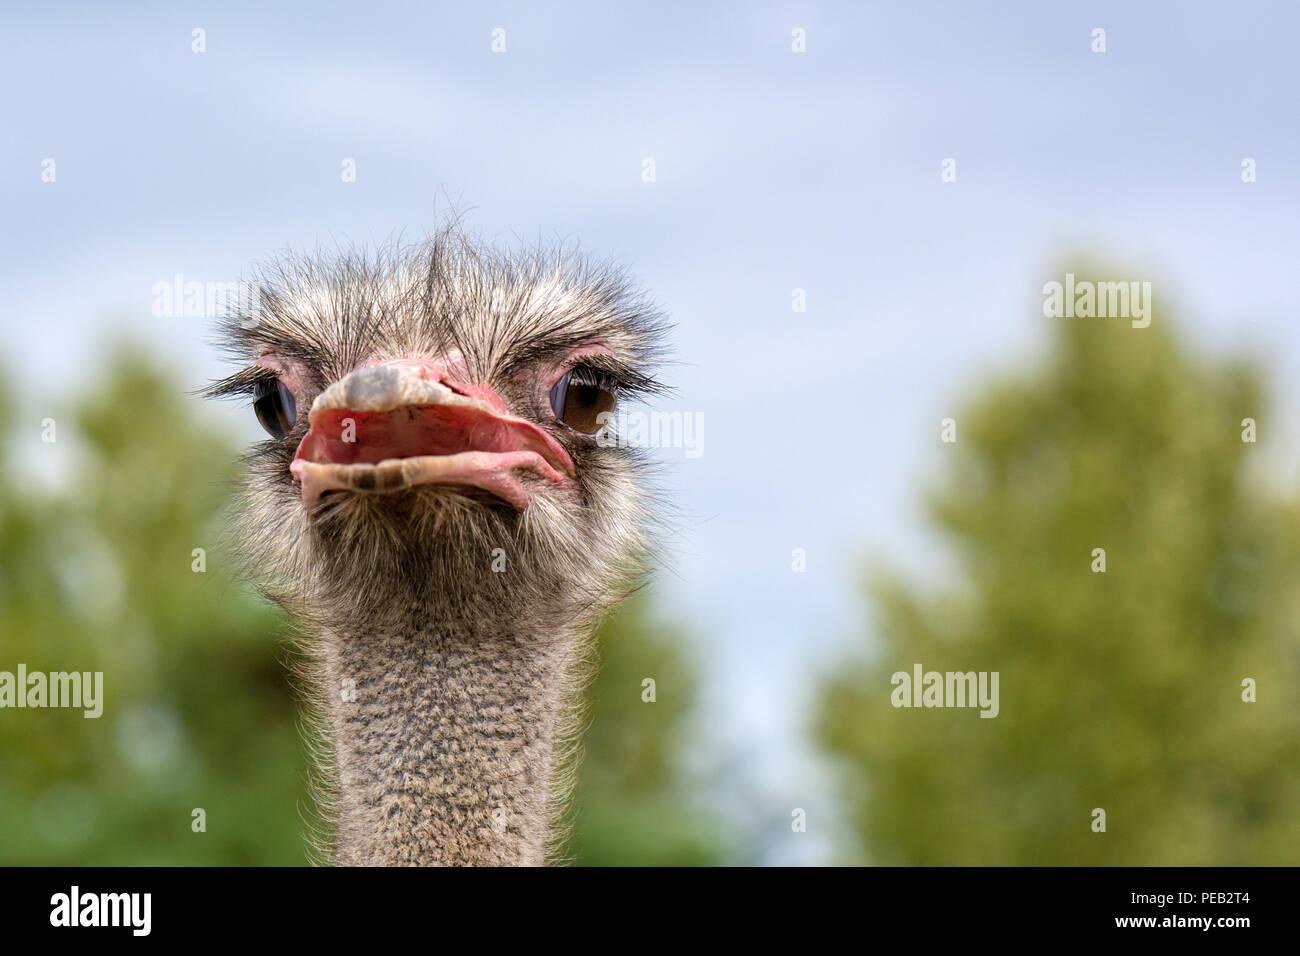 La tête d'autruche libre sur un arrière-plan flou. Photo Stock